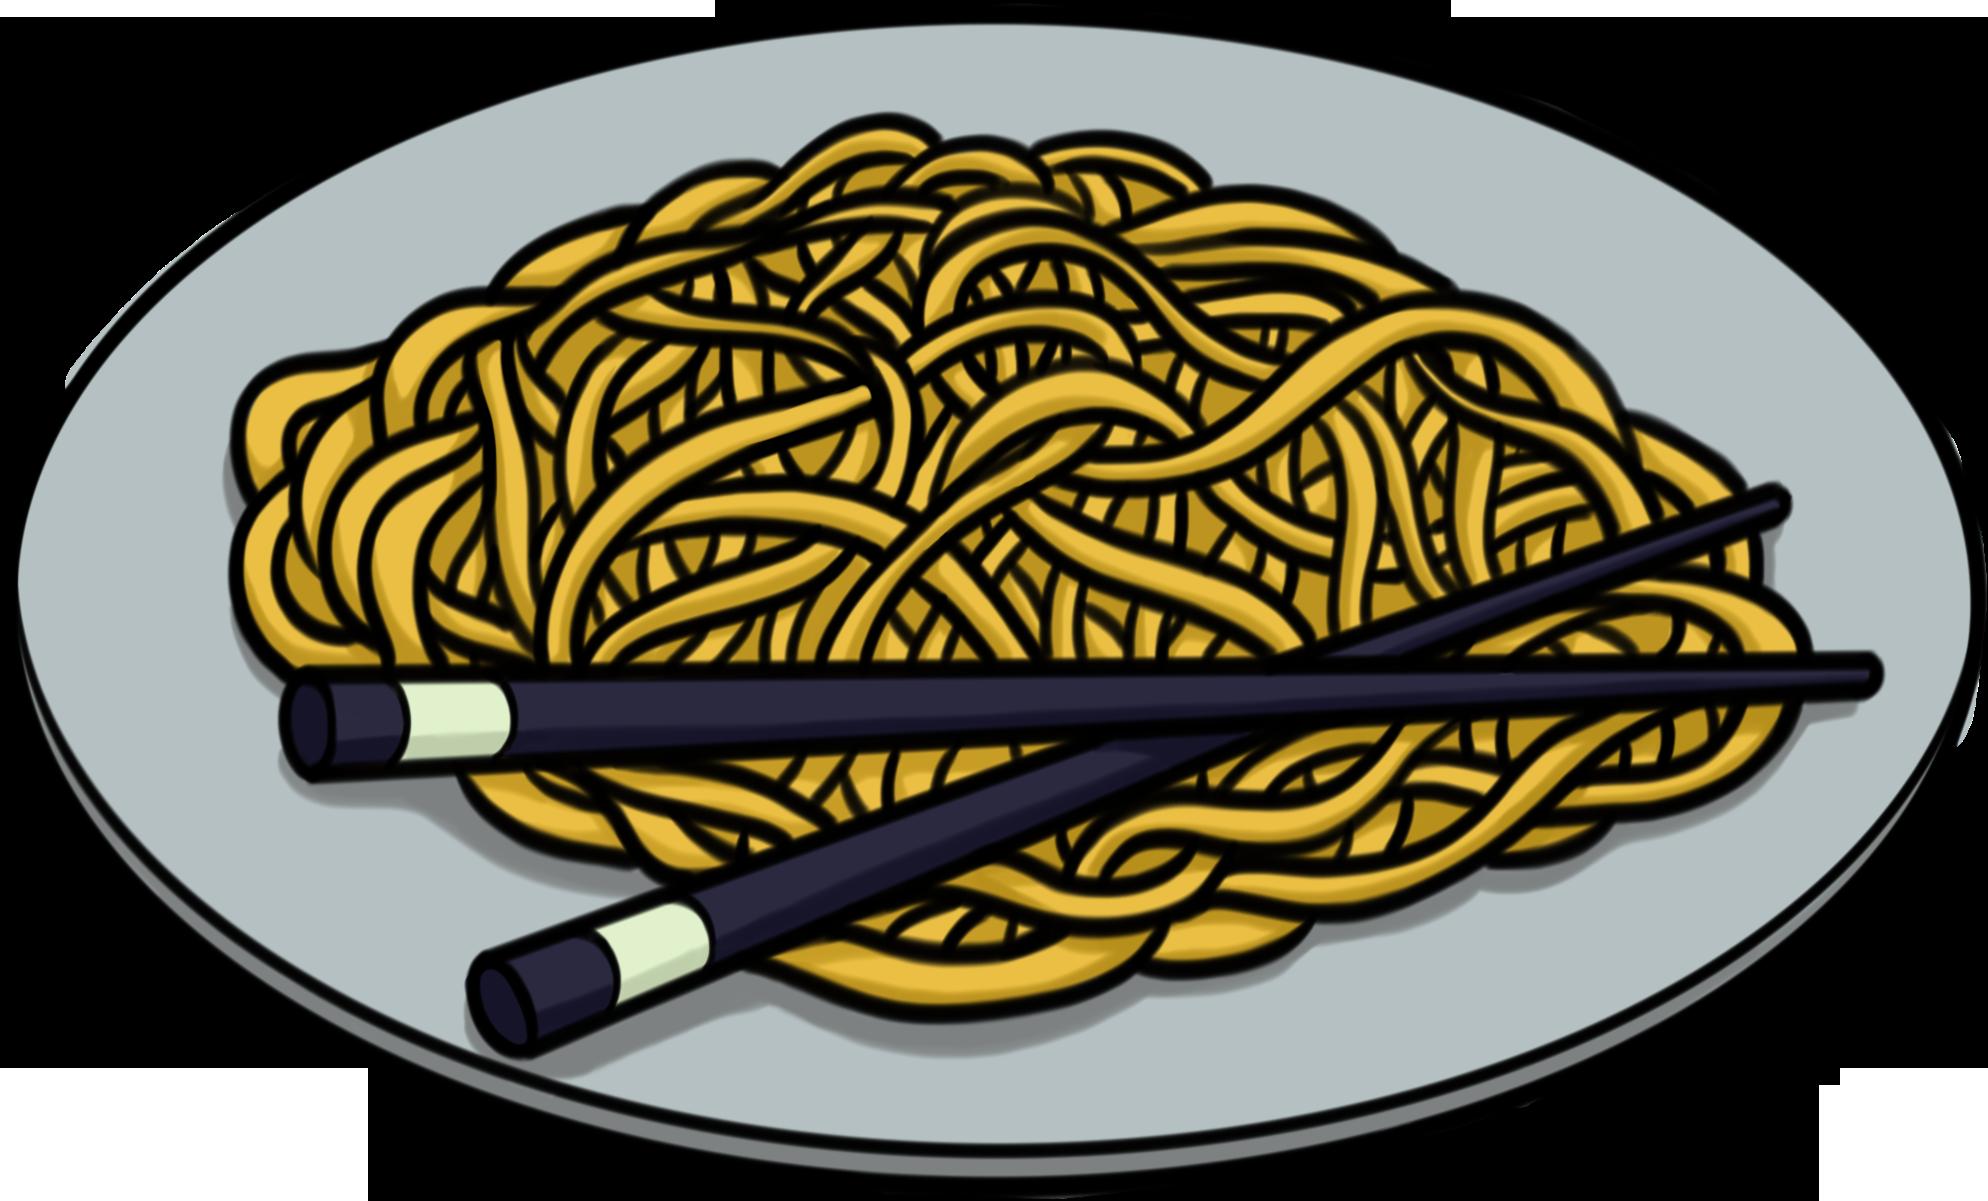 noodles clipart transparent